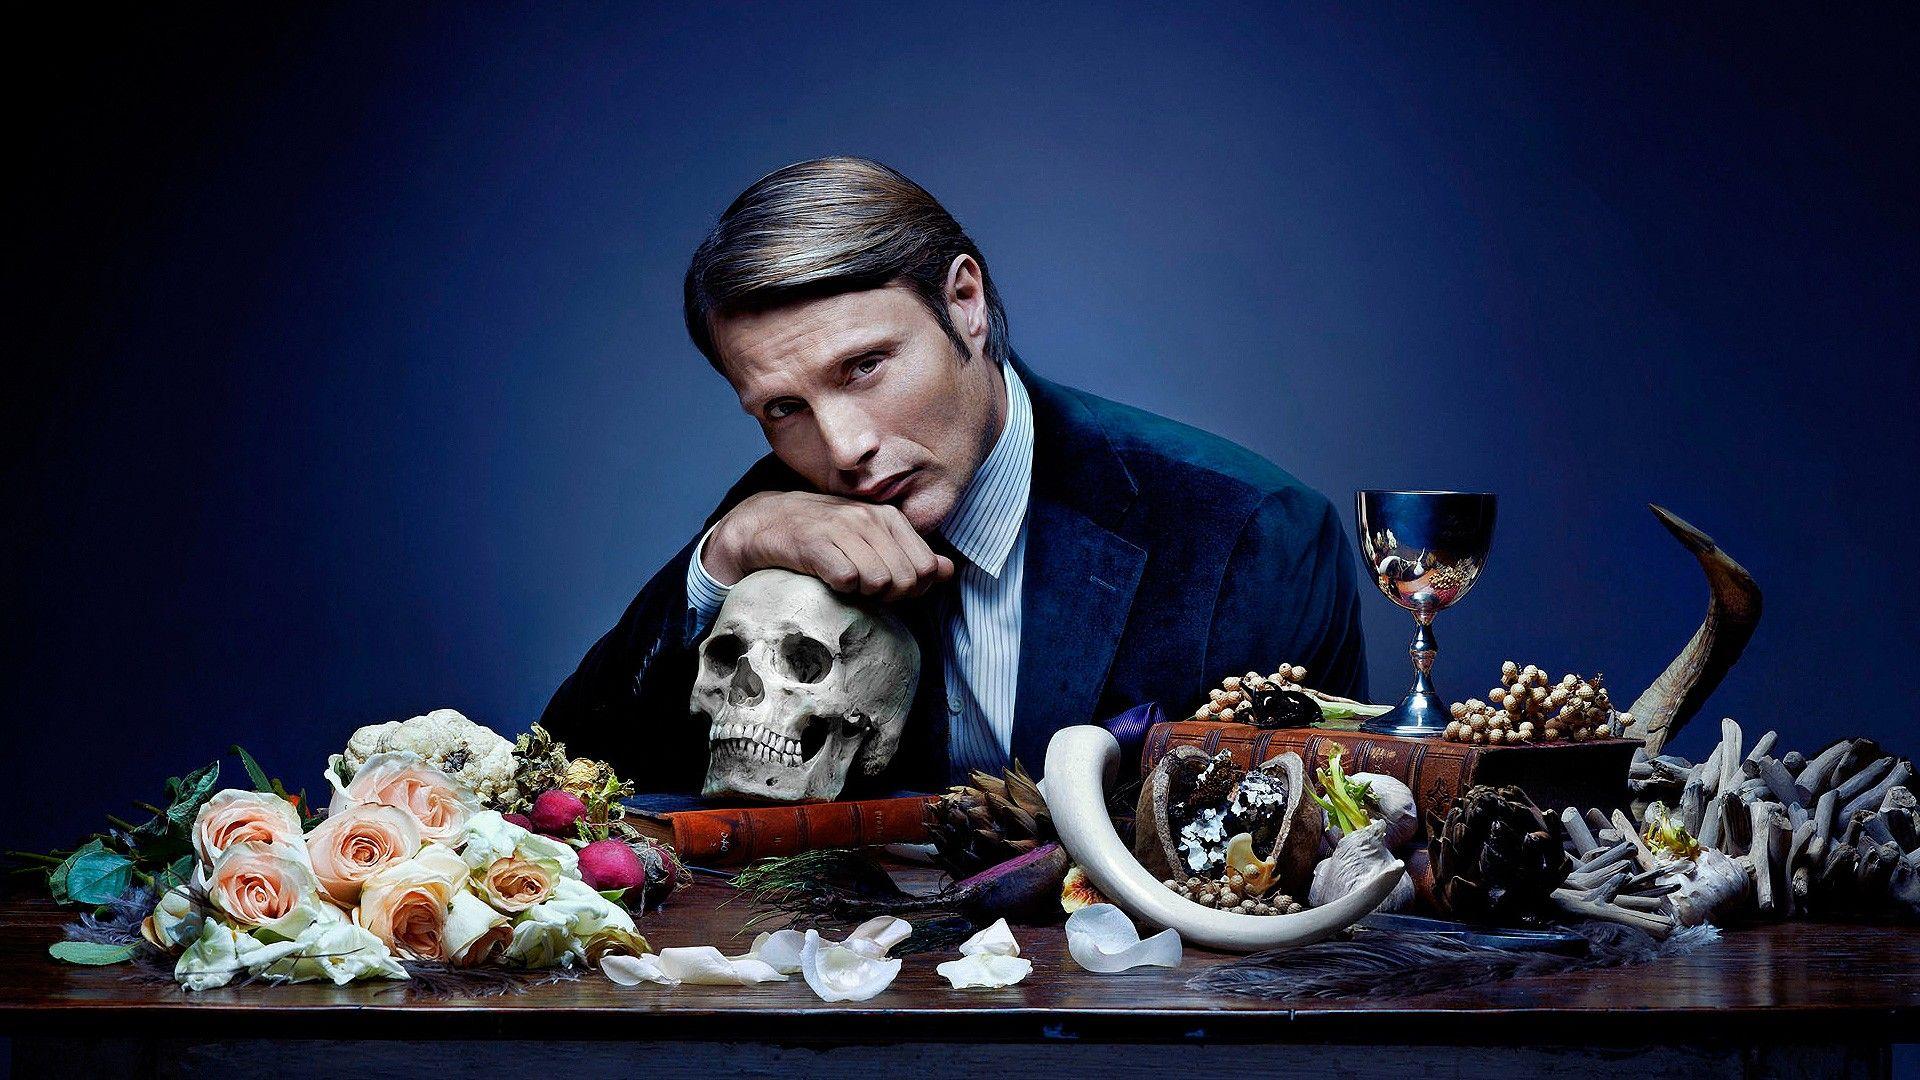 Mads Mikkelsen Wallpaper Photo Hannibal Mads Mikkelsen Hannibal Tv Series